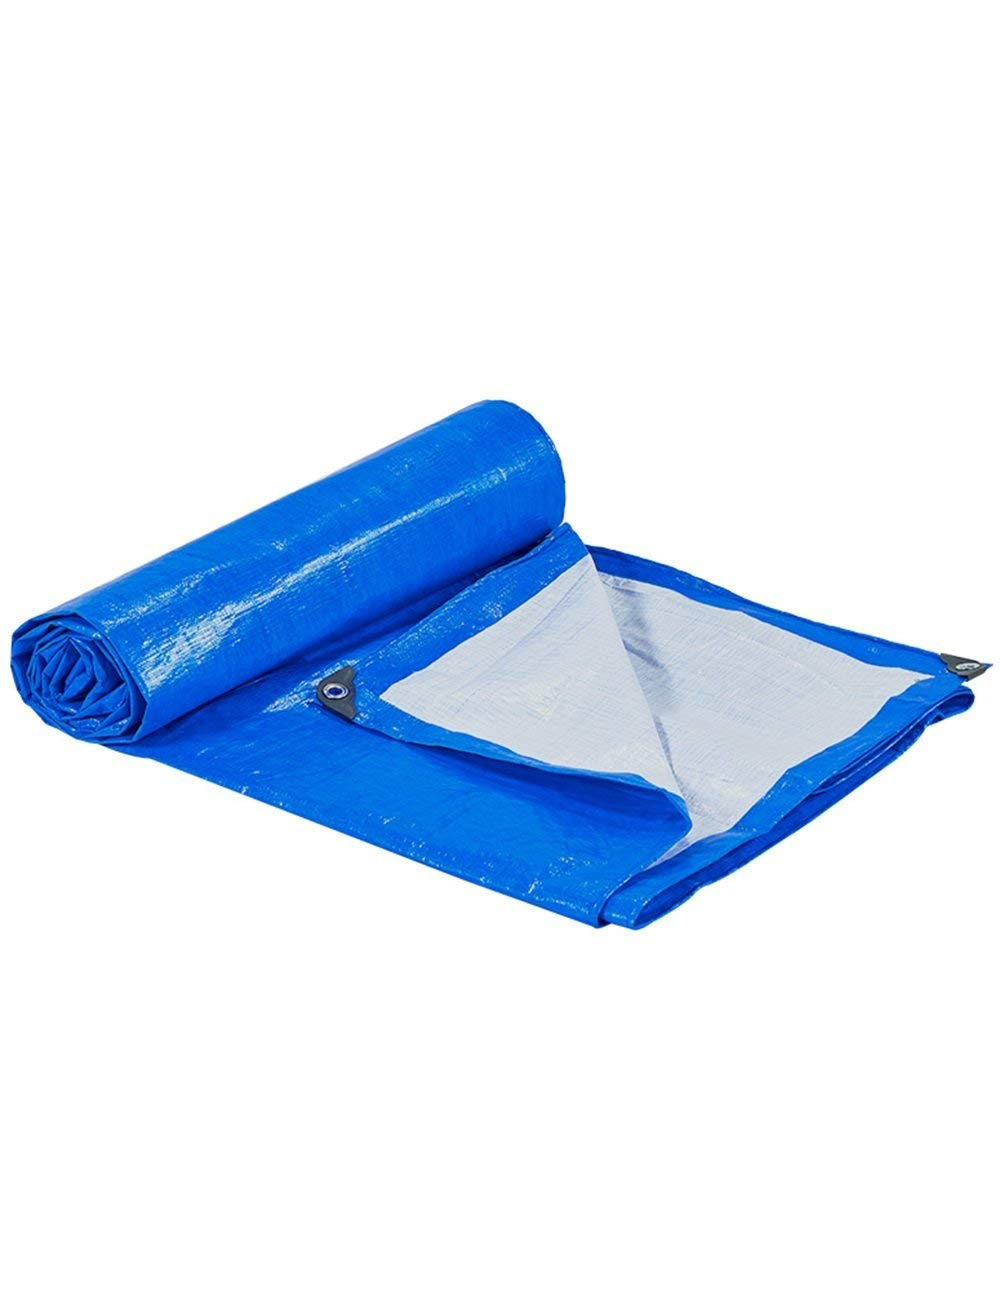 Fonly Segeltuch-Blauer Schatten-Plane-regendichter Wasserdichter Zelt-kampierender Tarp-Überdachung